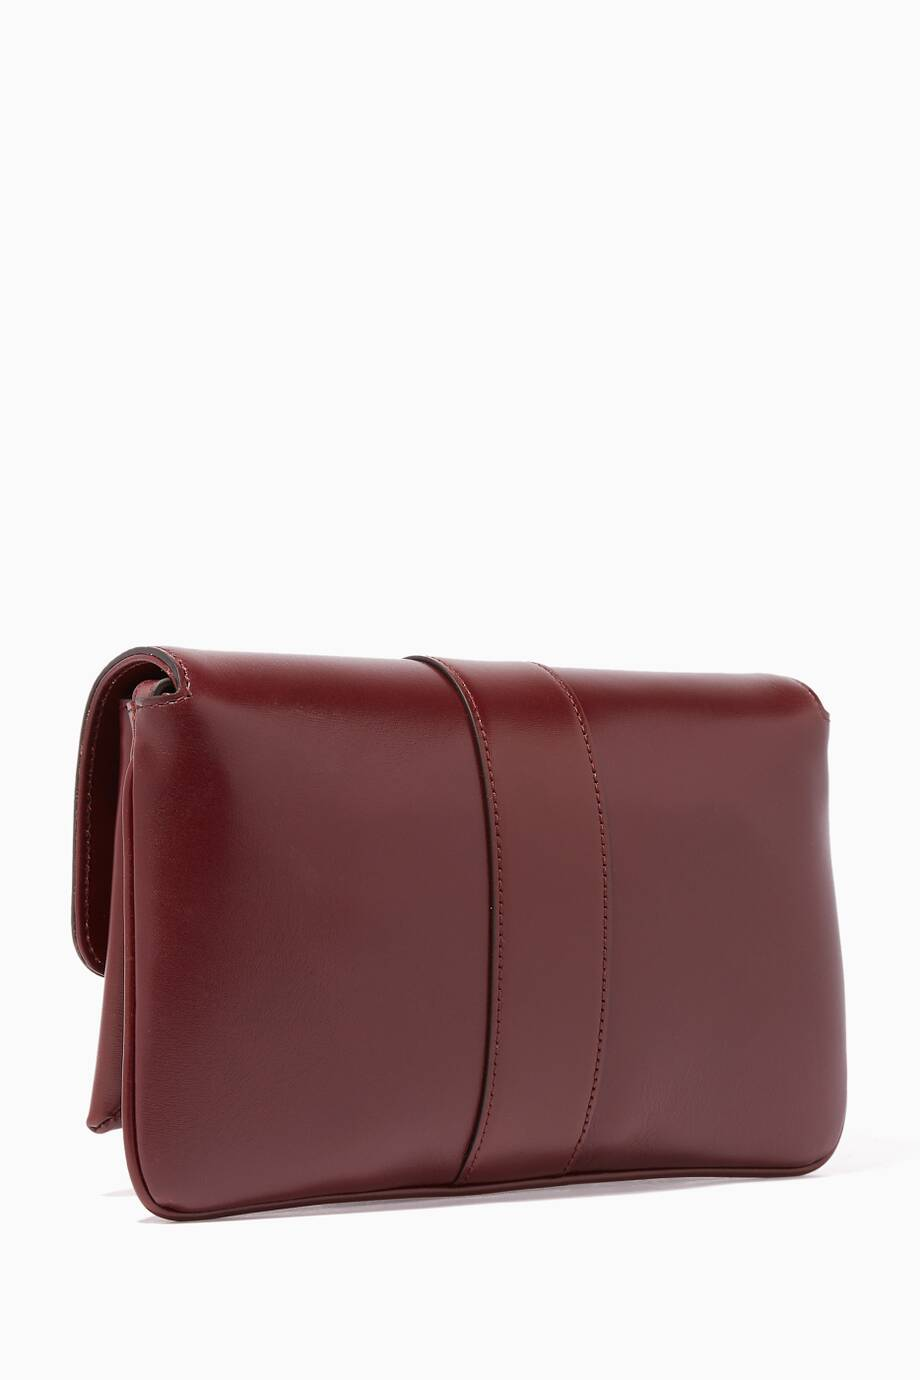 b8635987f9b Shop Luxury Gucci Burgundy Arli Small Shoulder Bag